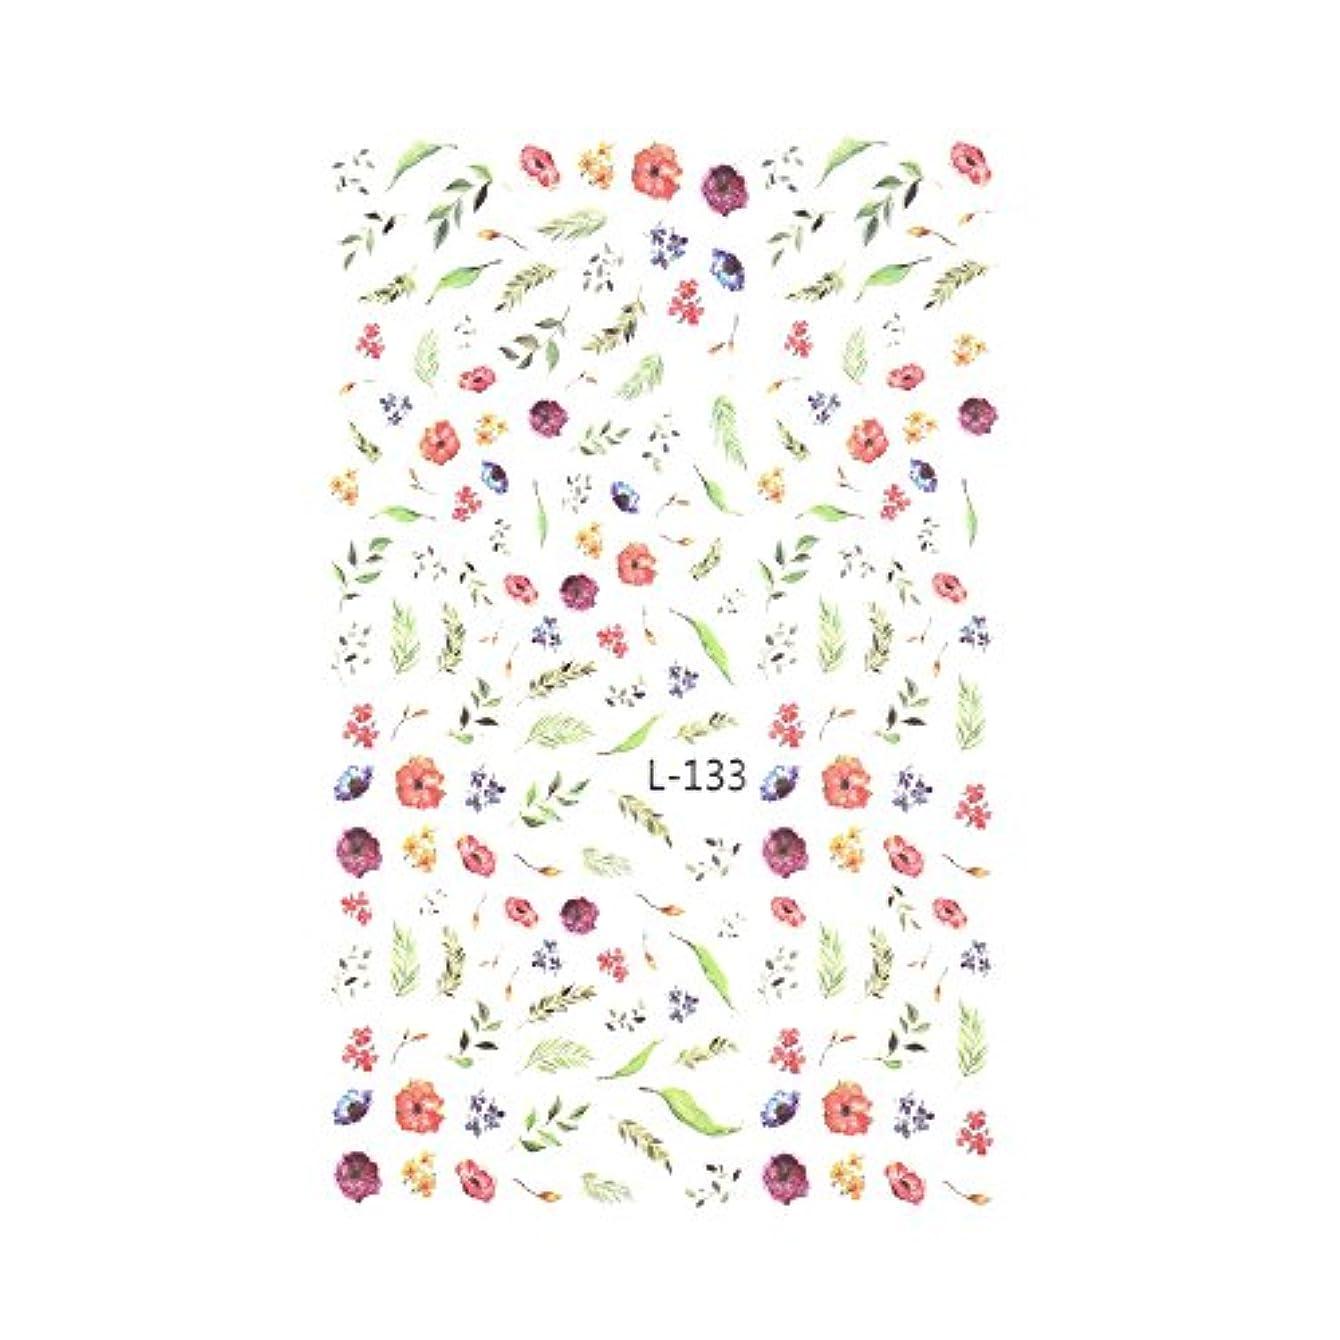 びっくりバス再発する【L-133】ヴィンテージボタニカルシール 花 フラワー ネイルシール